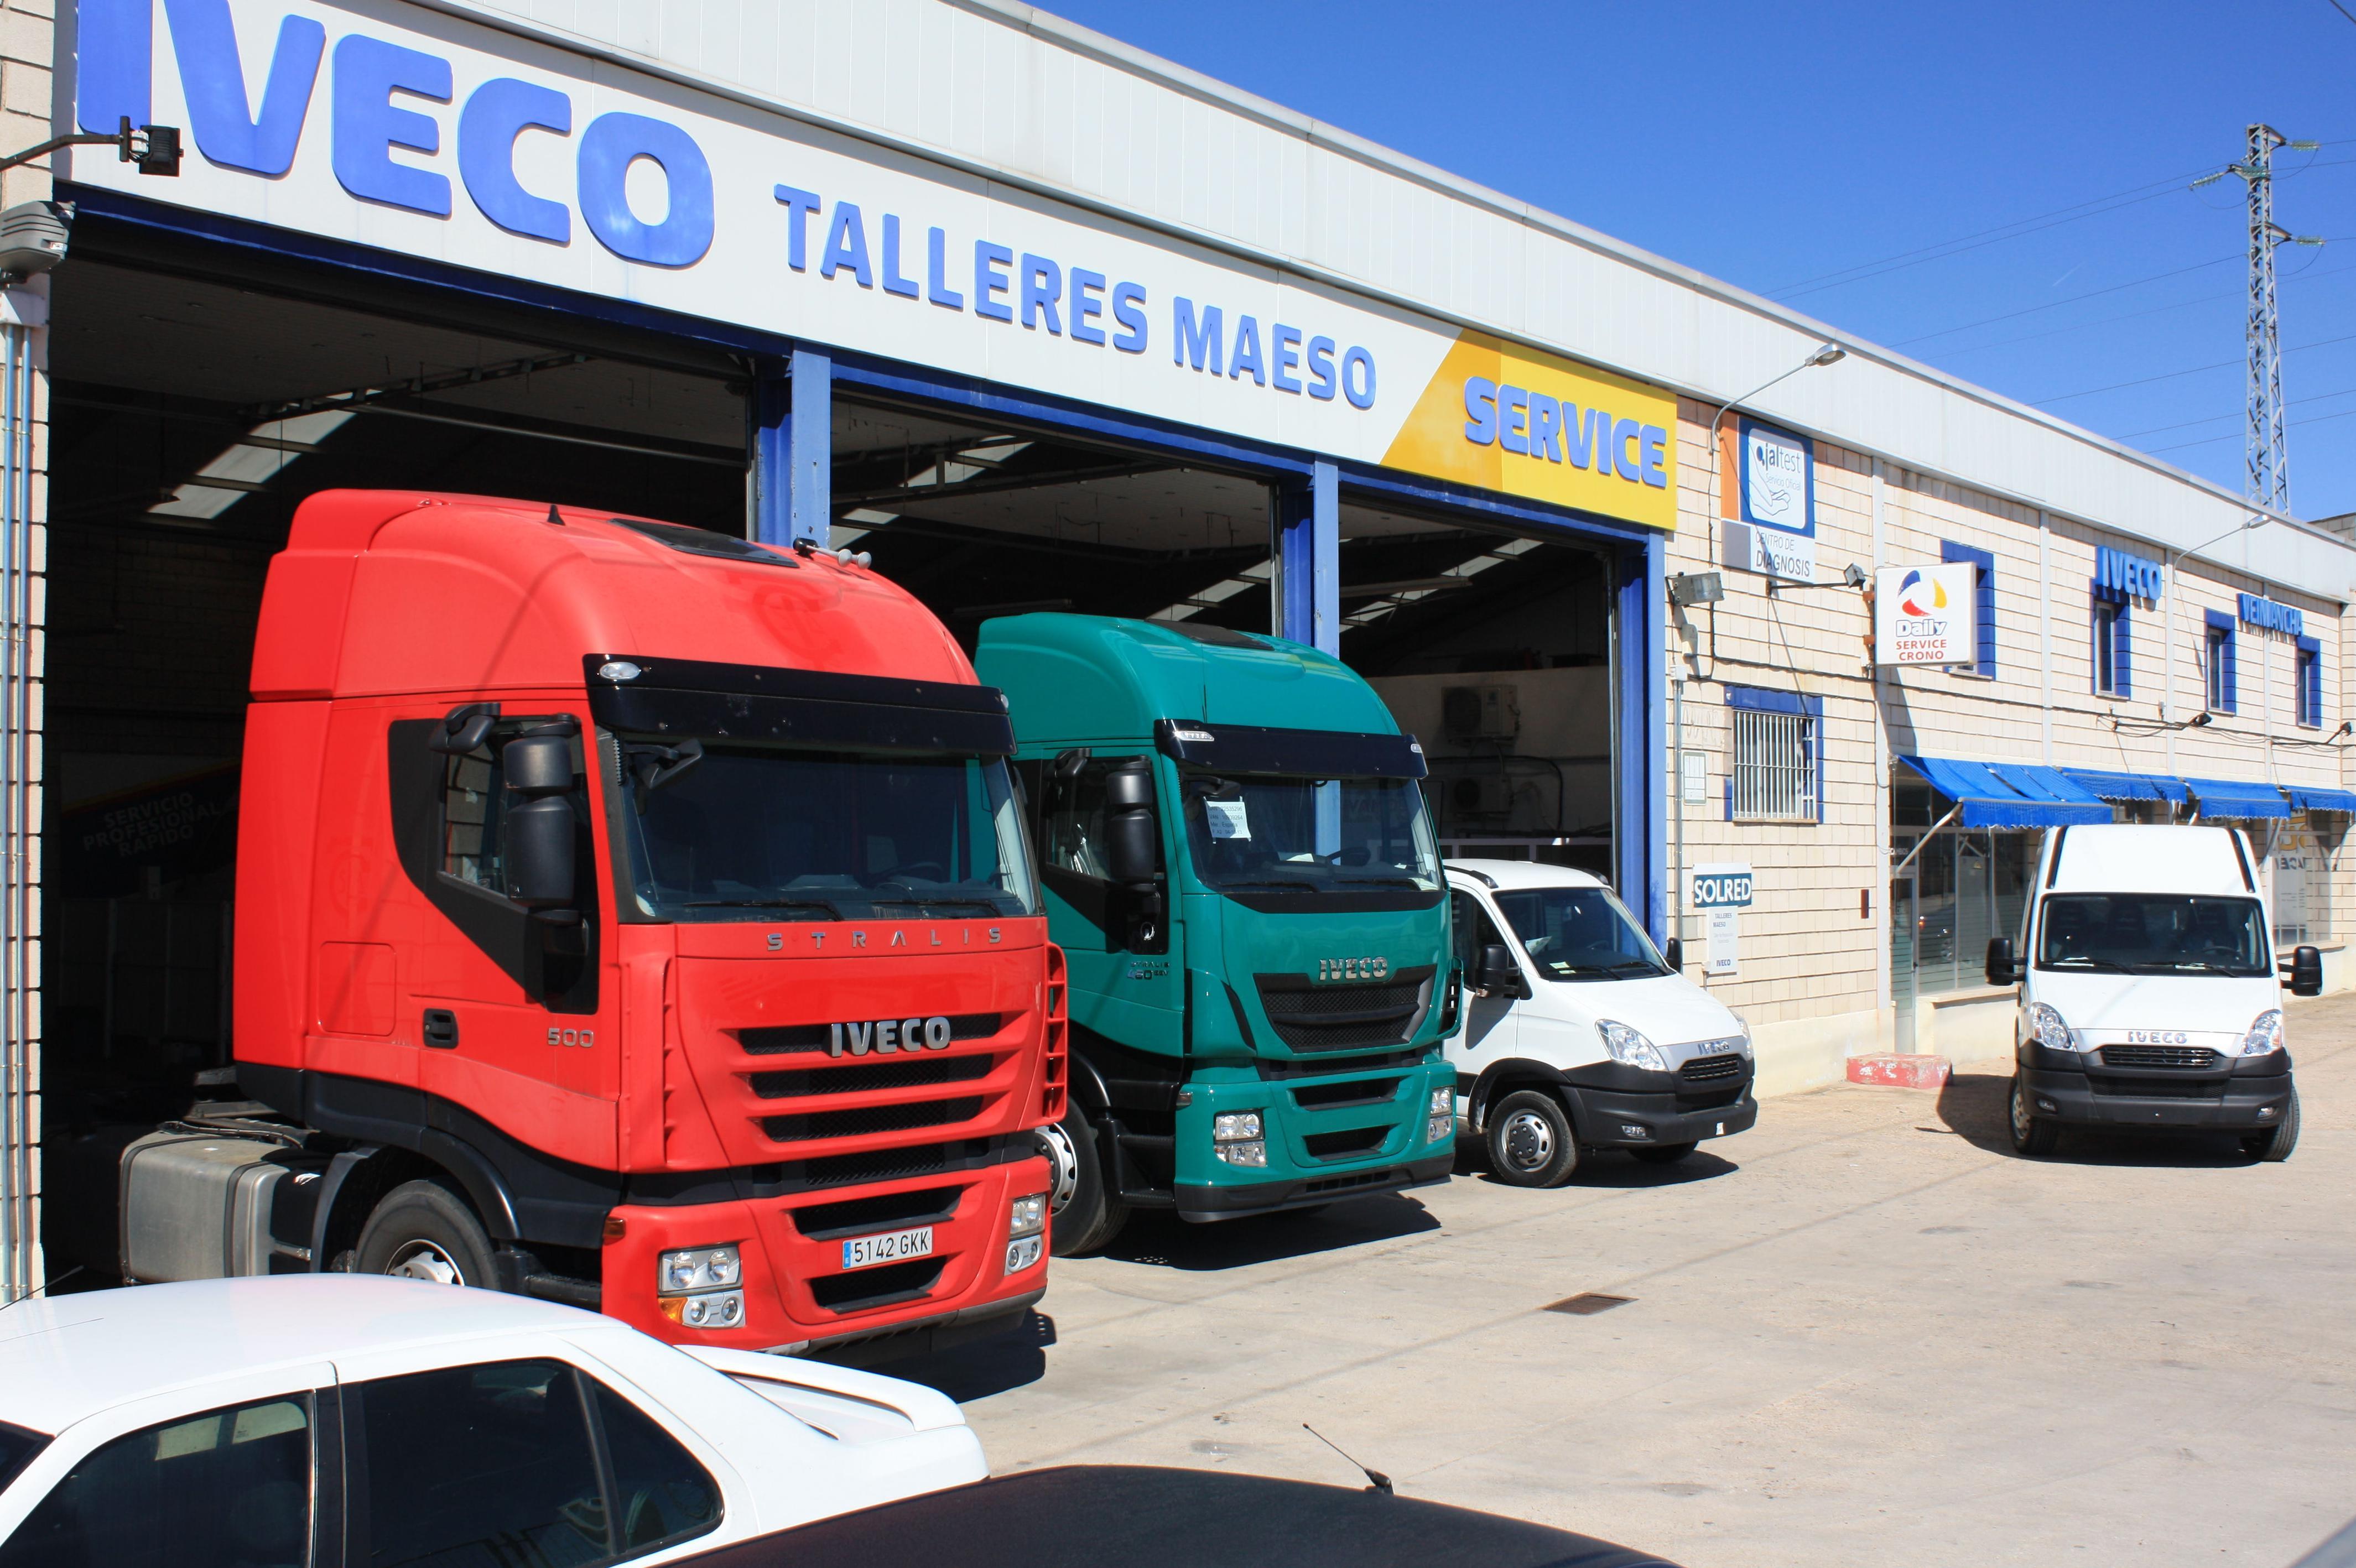 Foto 5 de Talleres de automóviles en Manzanares | Maeso Jareño, S.L.